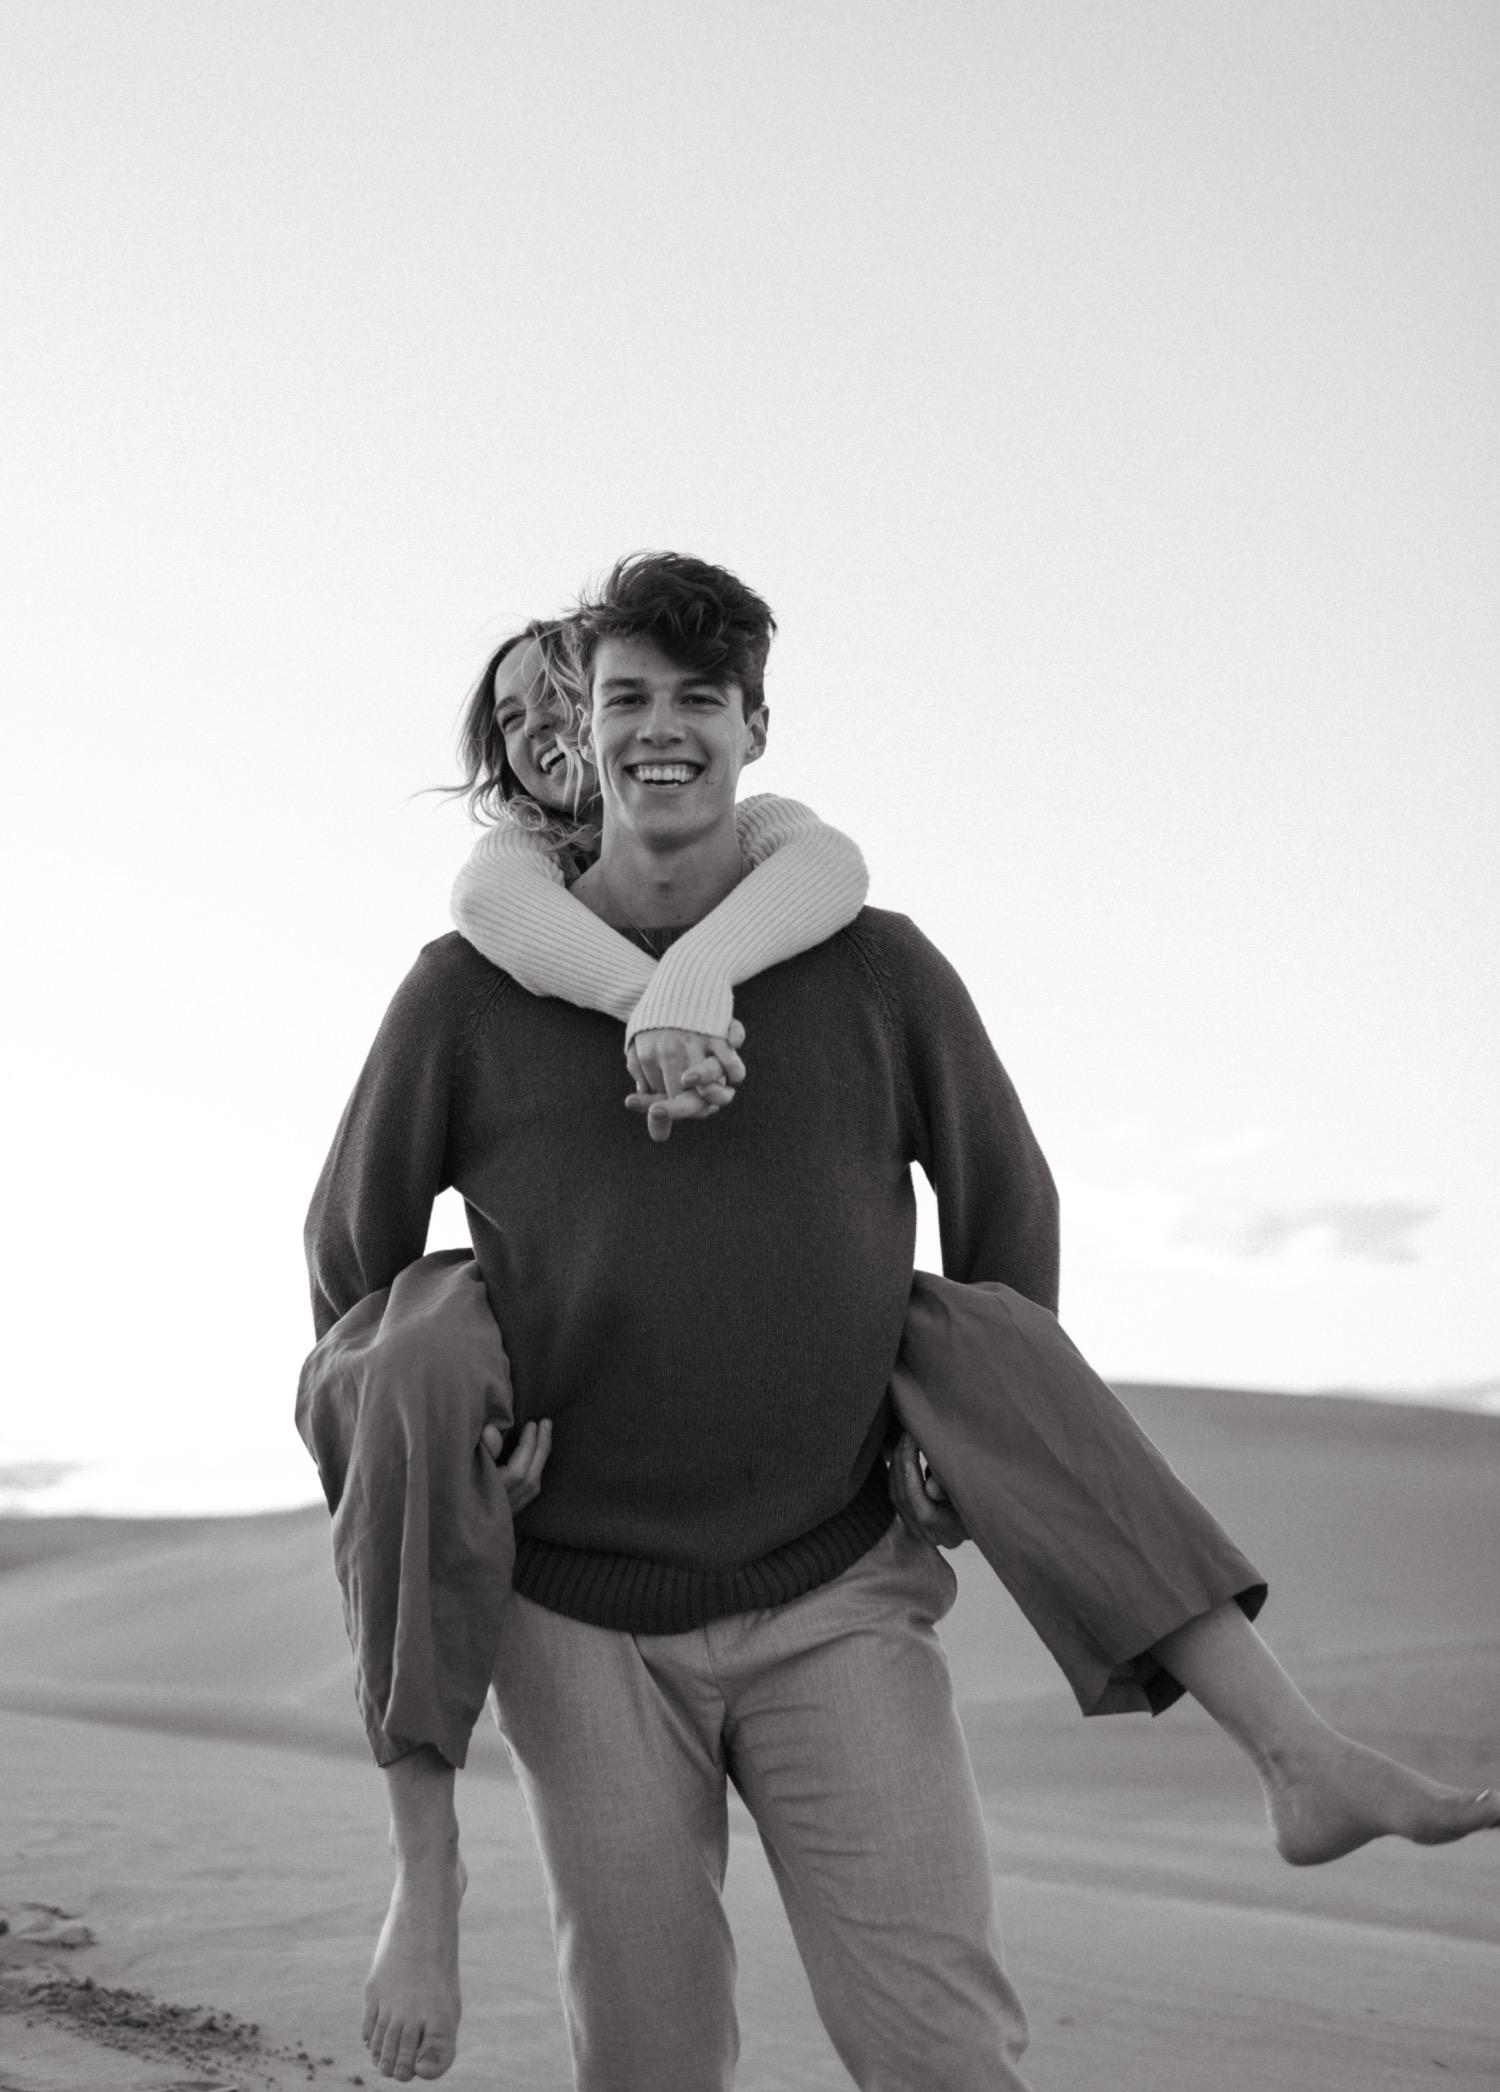 https://content1.getnarrativeapp.com/static/cc2d079c-8ba2-440b-94f7-e91a8d3b9027/glamis-Sand-dunes-San-diego-engagement-photos-adventurous-engagement-photos-death-valley-engagement-photos.jpg